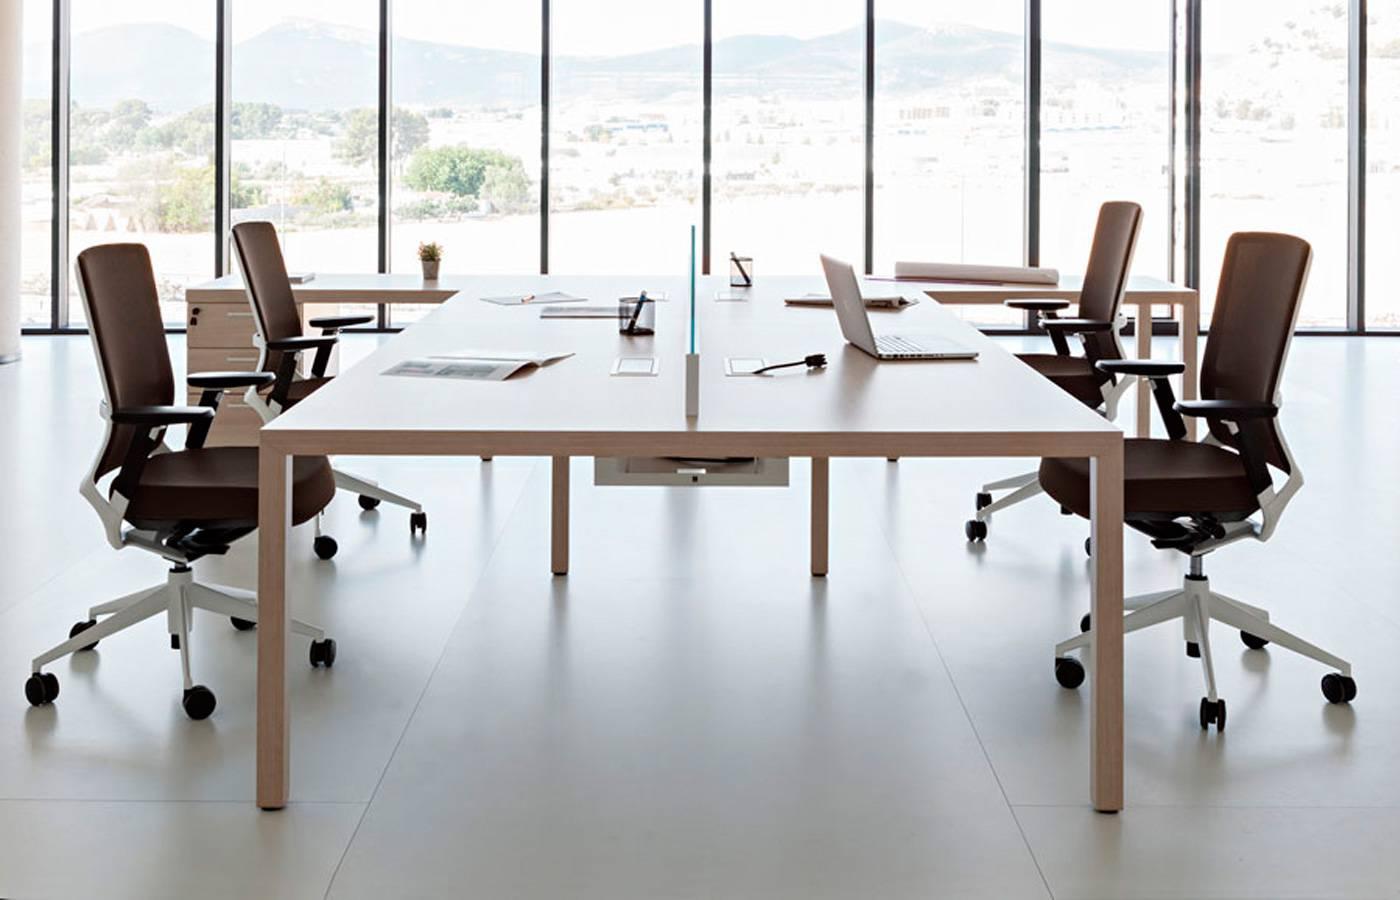 mesas de reuniones el lugar donde se generan las ideas